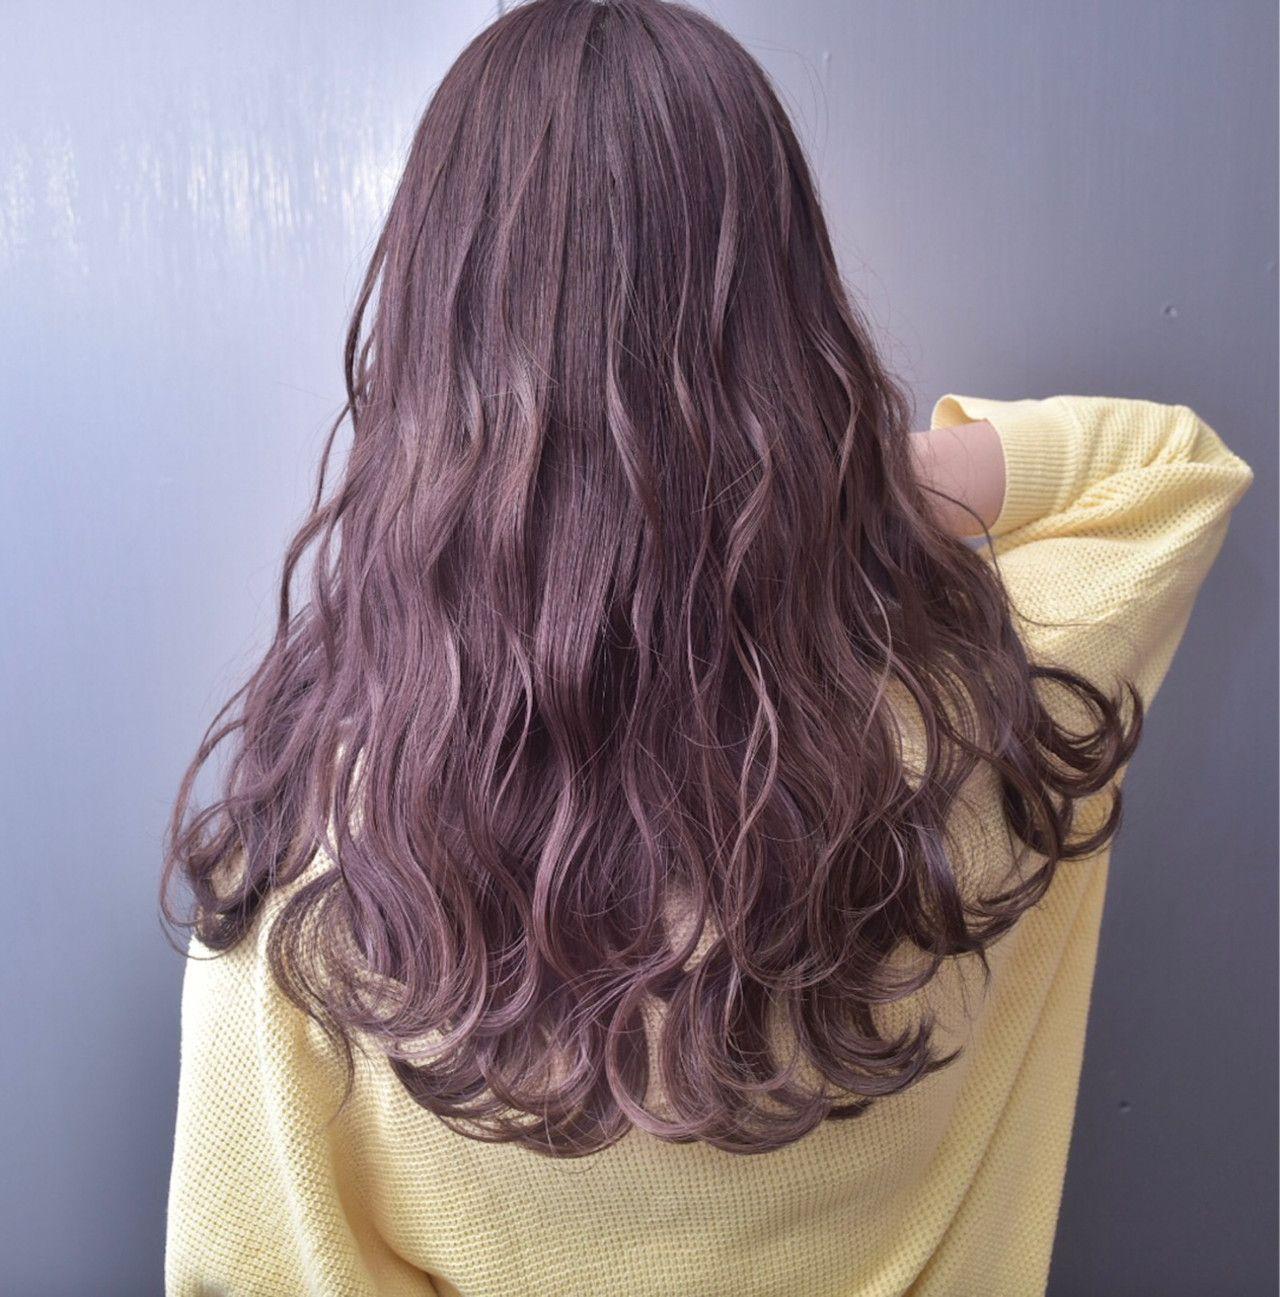 髪色自由ならやってみたいカラーがこれ 女子っぽピンクラベンダー